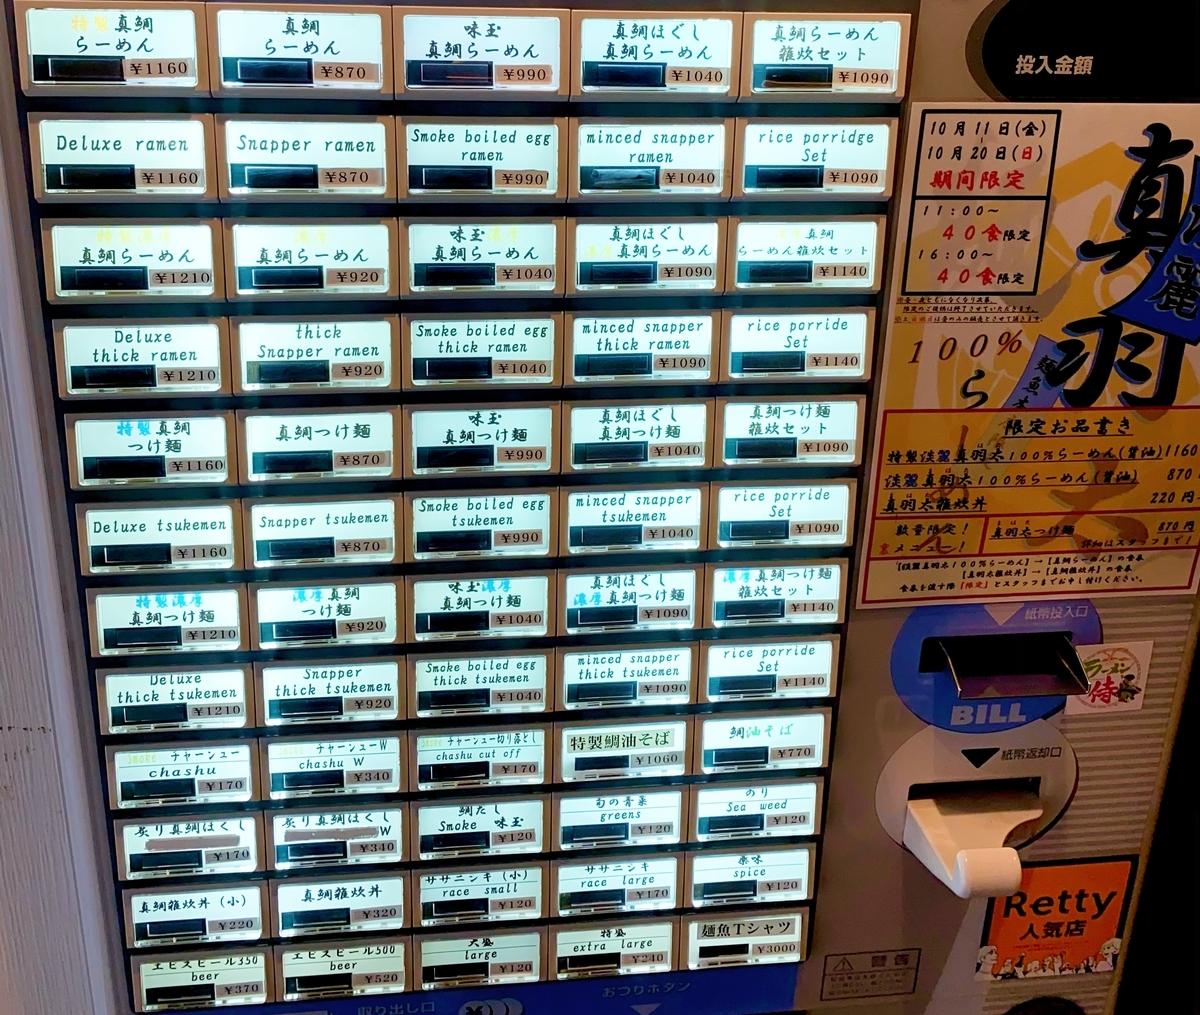 f:id:TakahiroIwata:20201025010422j:plain